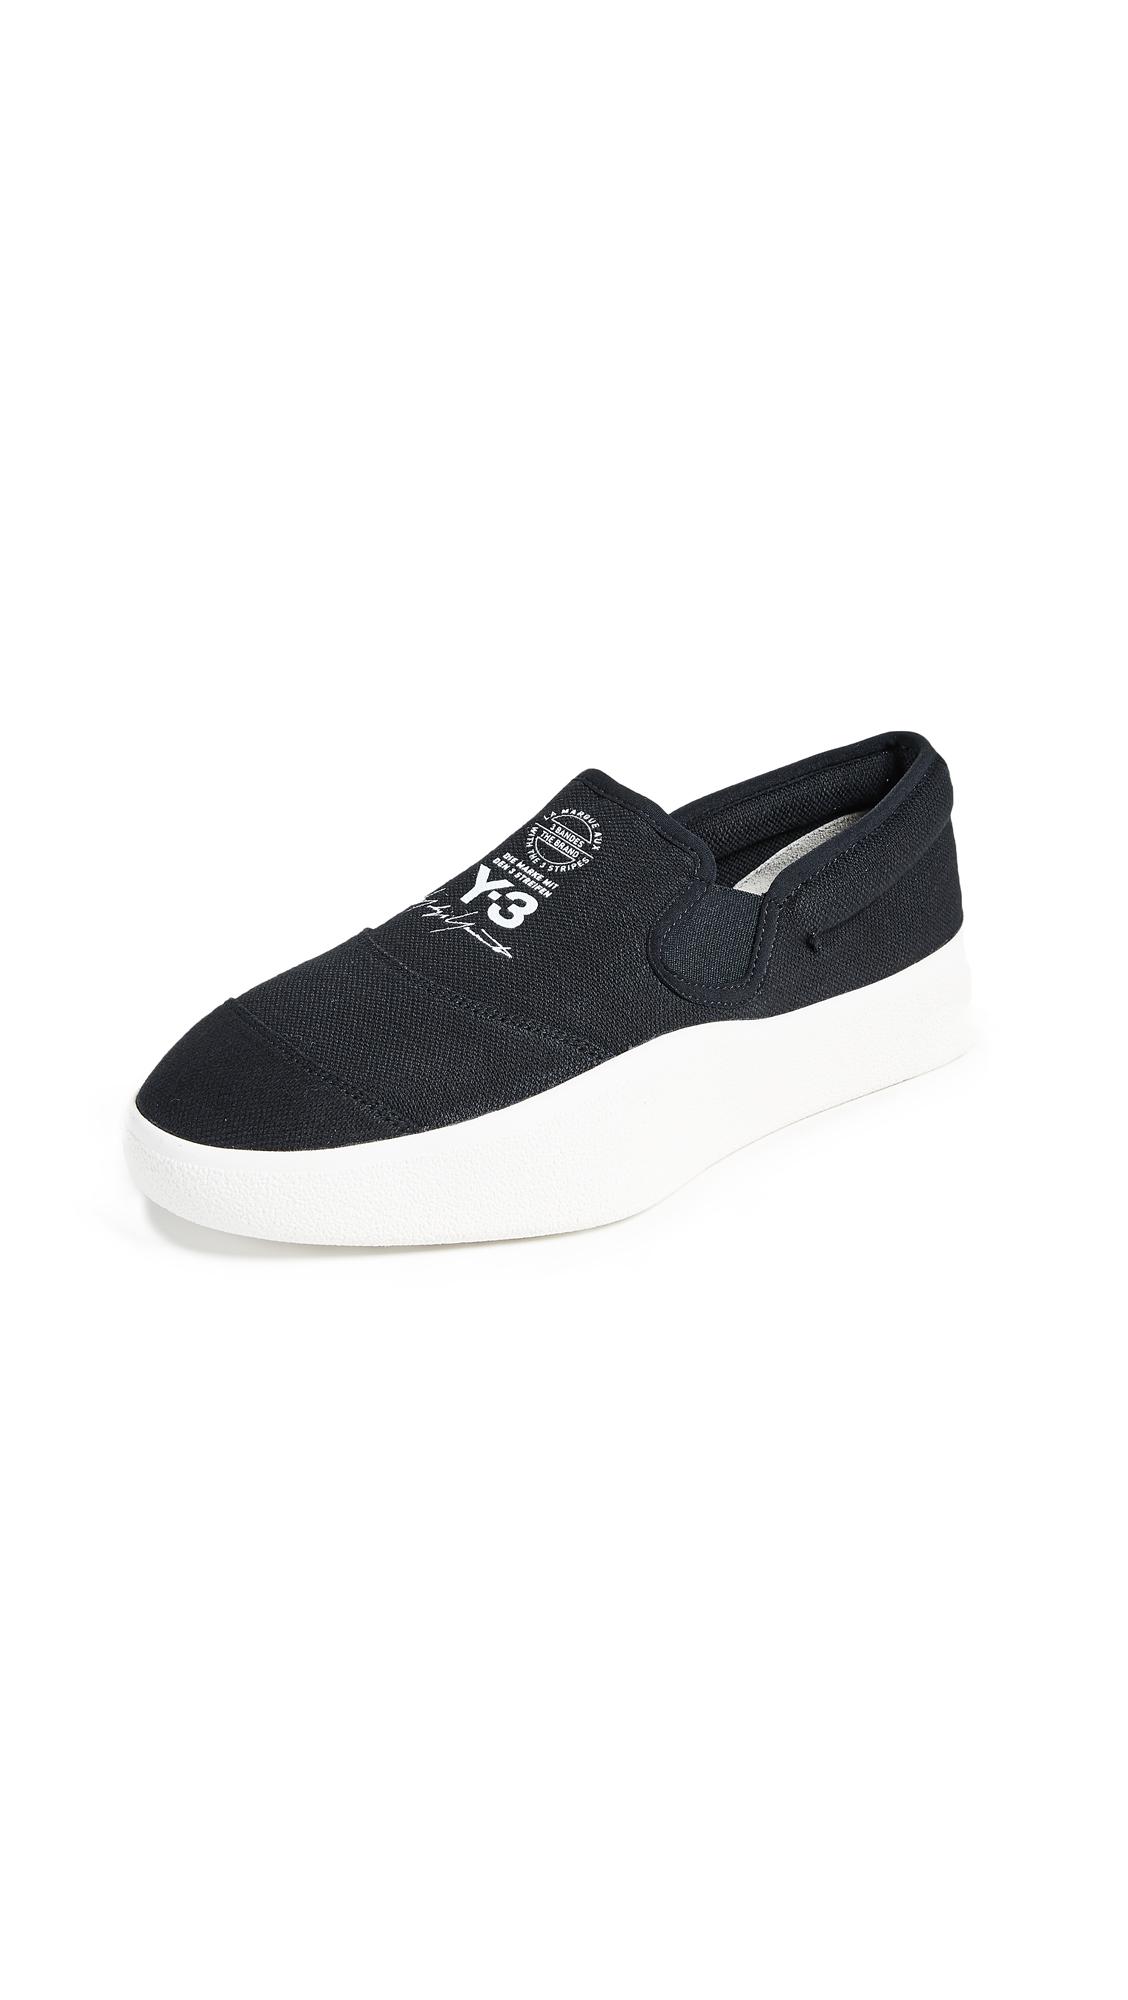 Y-3 Tangutsu Sneakers - Black/White/White